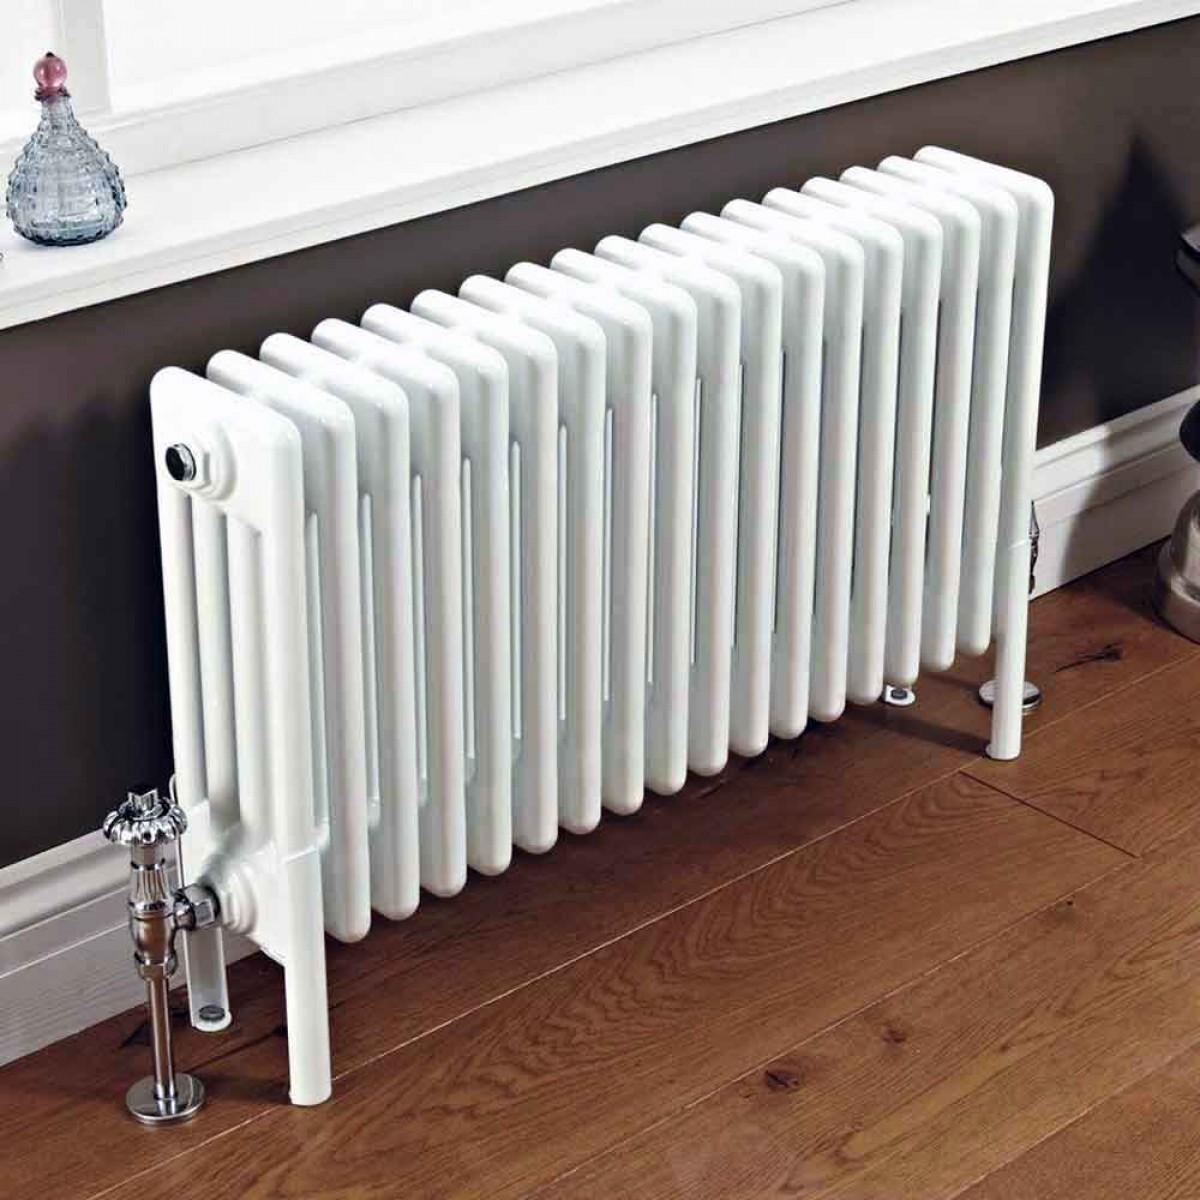 Ottimizzare Riscaldamento A Pavimento ottimizzare il riscaldamento autonomo con home assistant